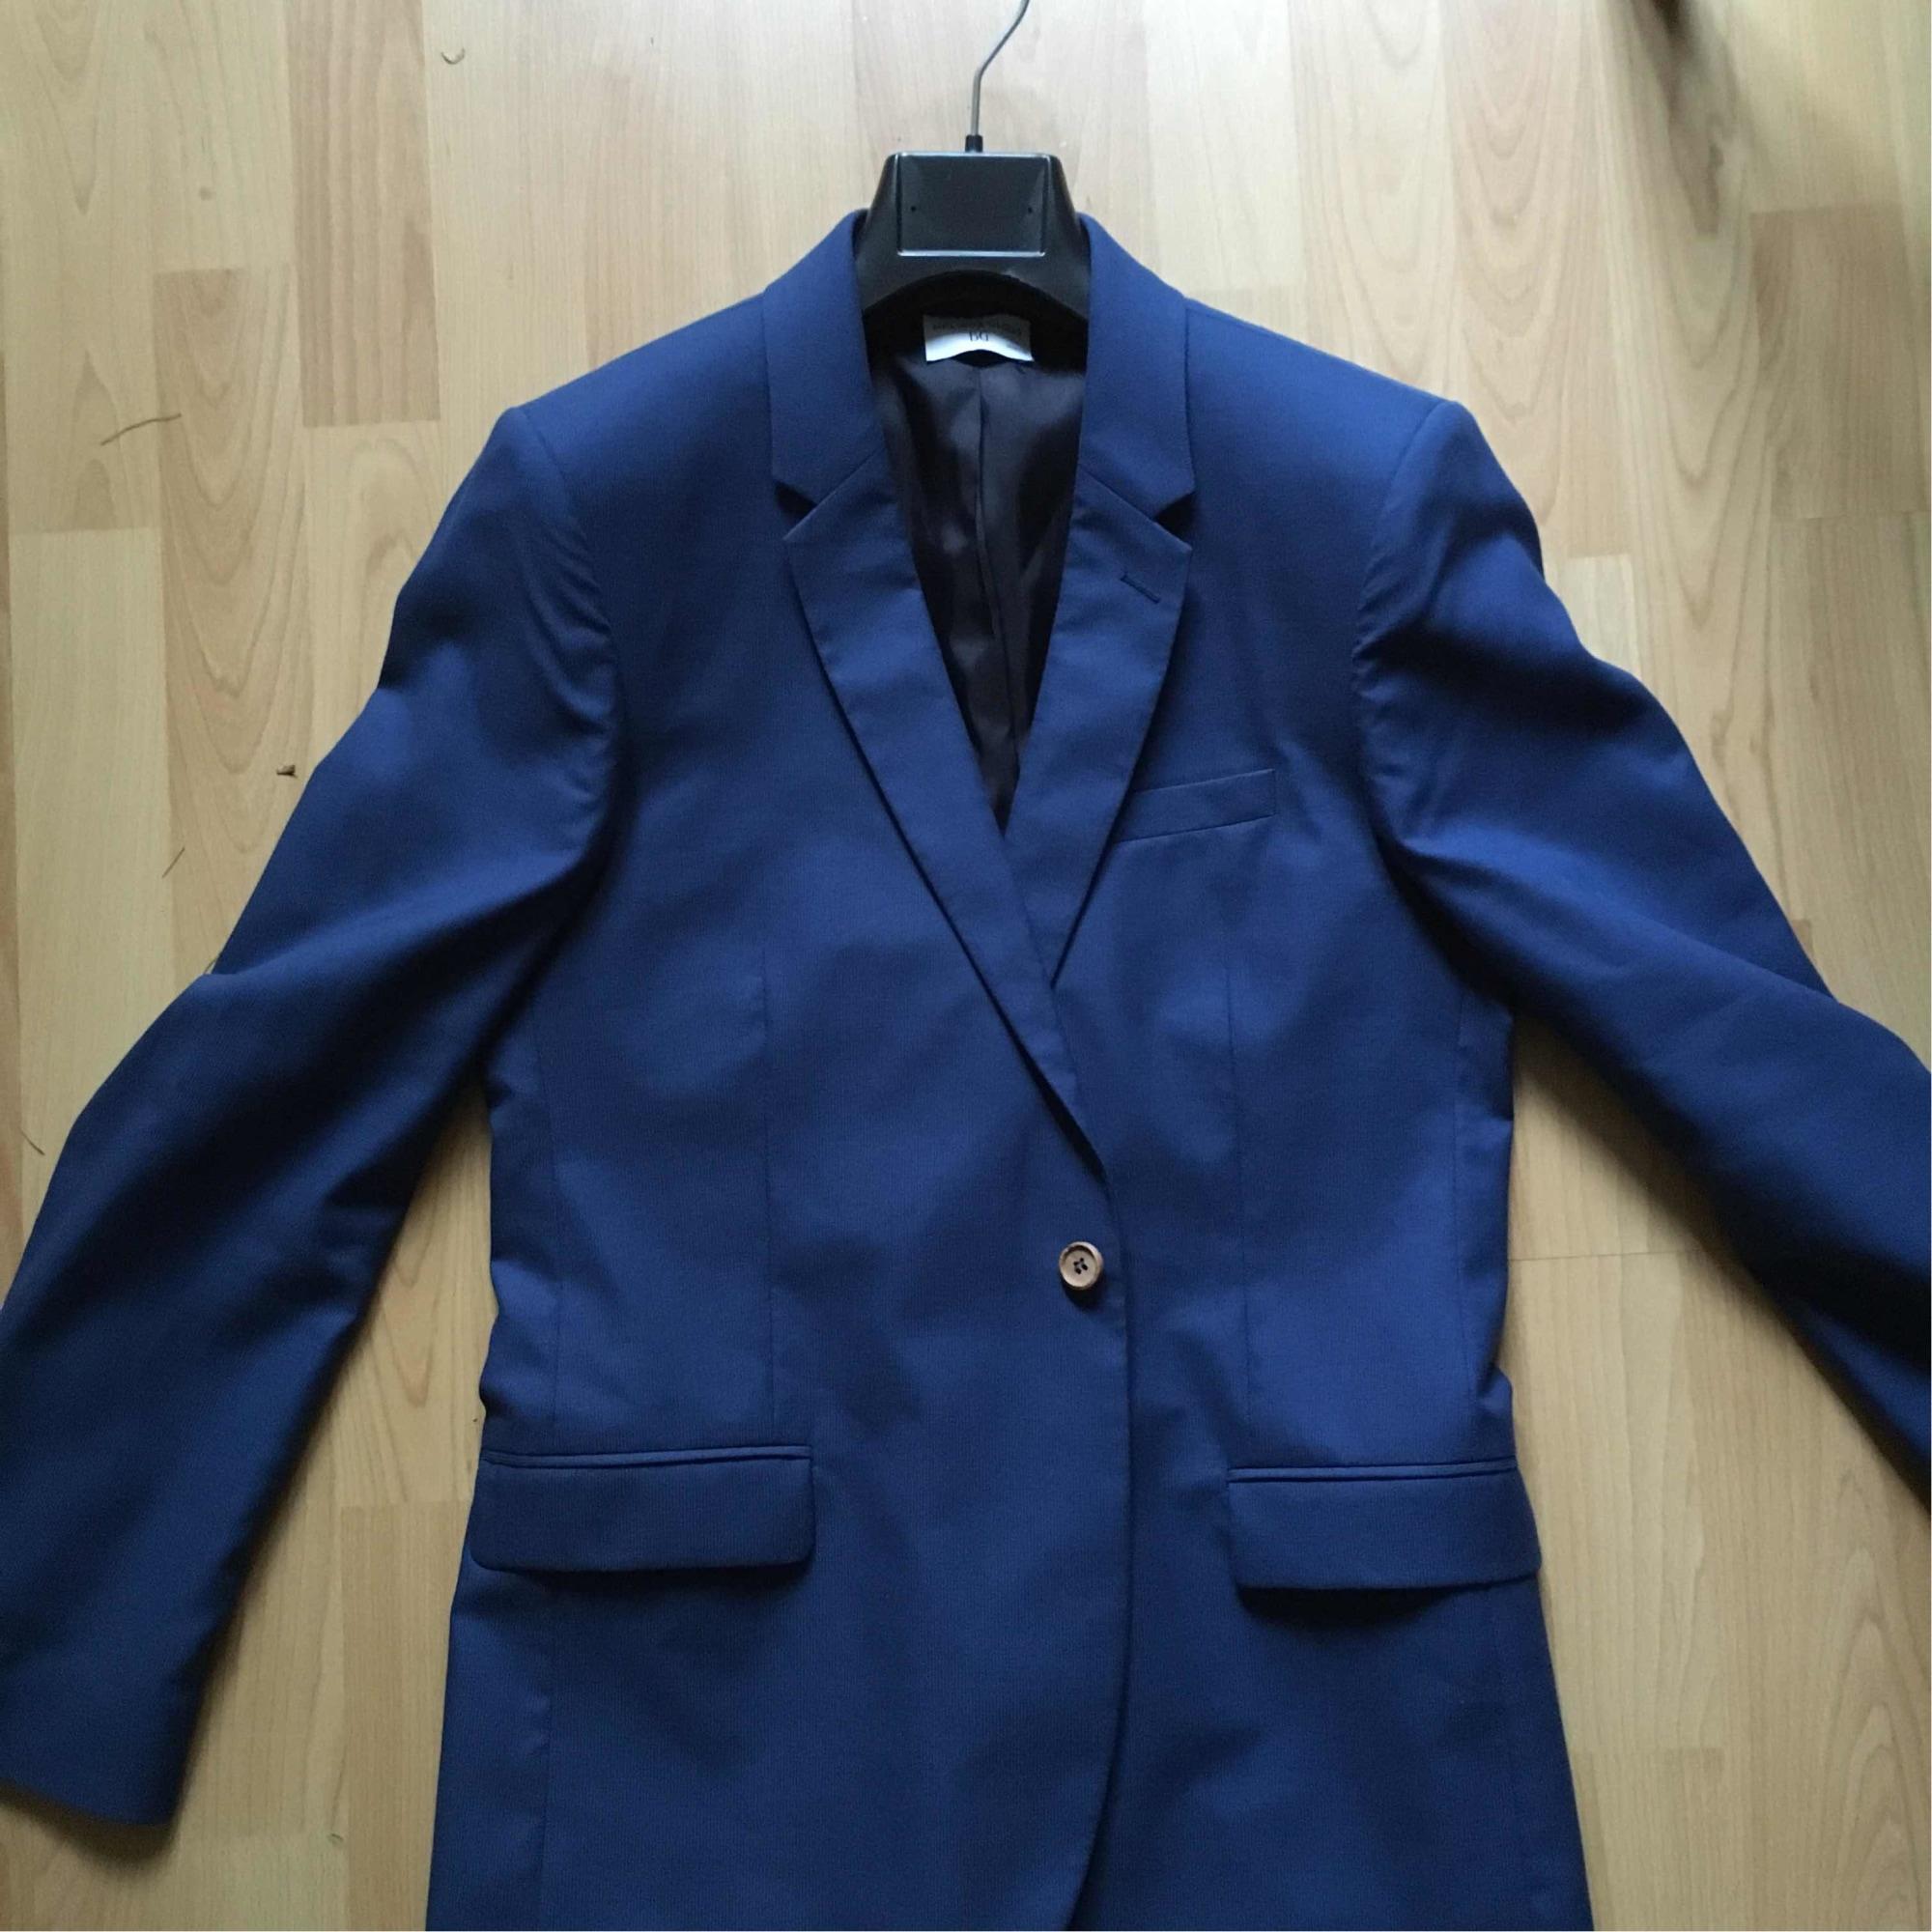 Manteau BONNE GUEULE 46 (S) bleu vendu par Mathieu 43482822